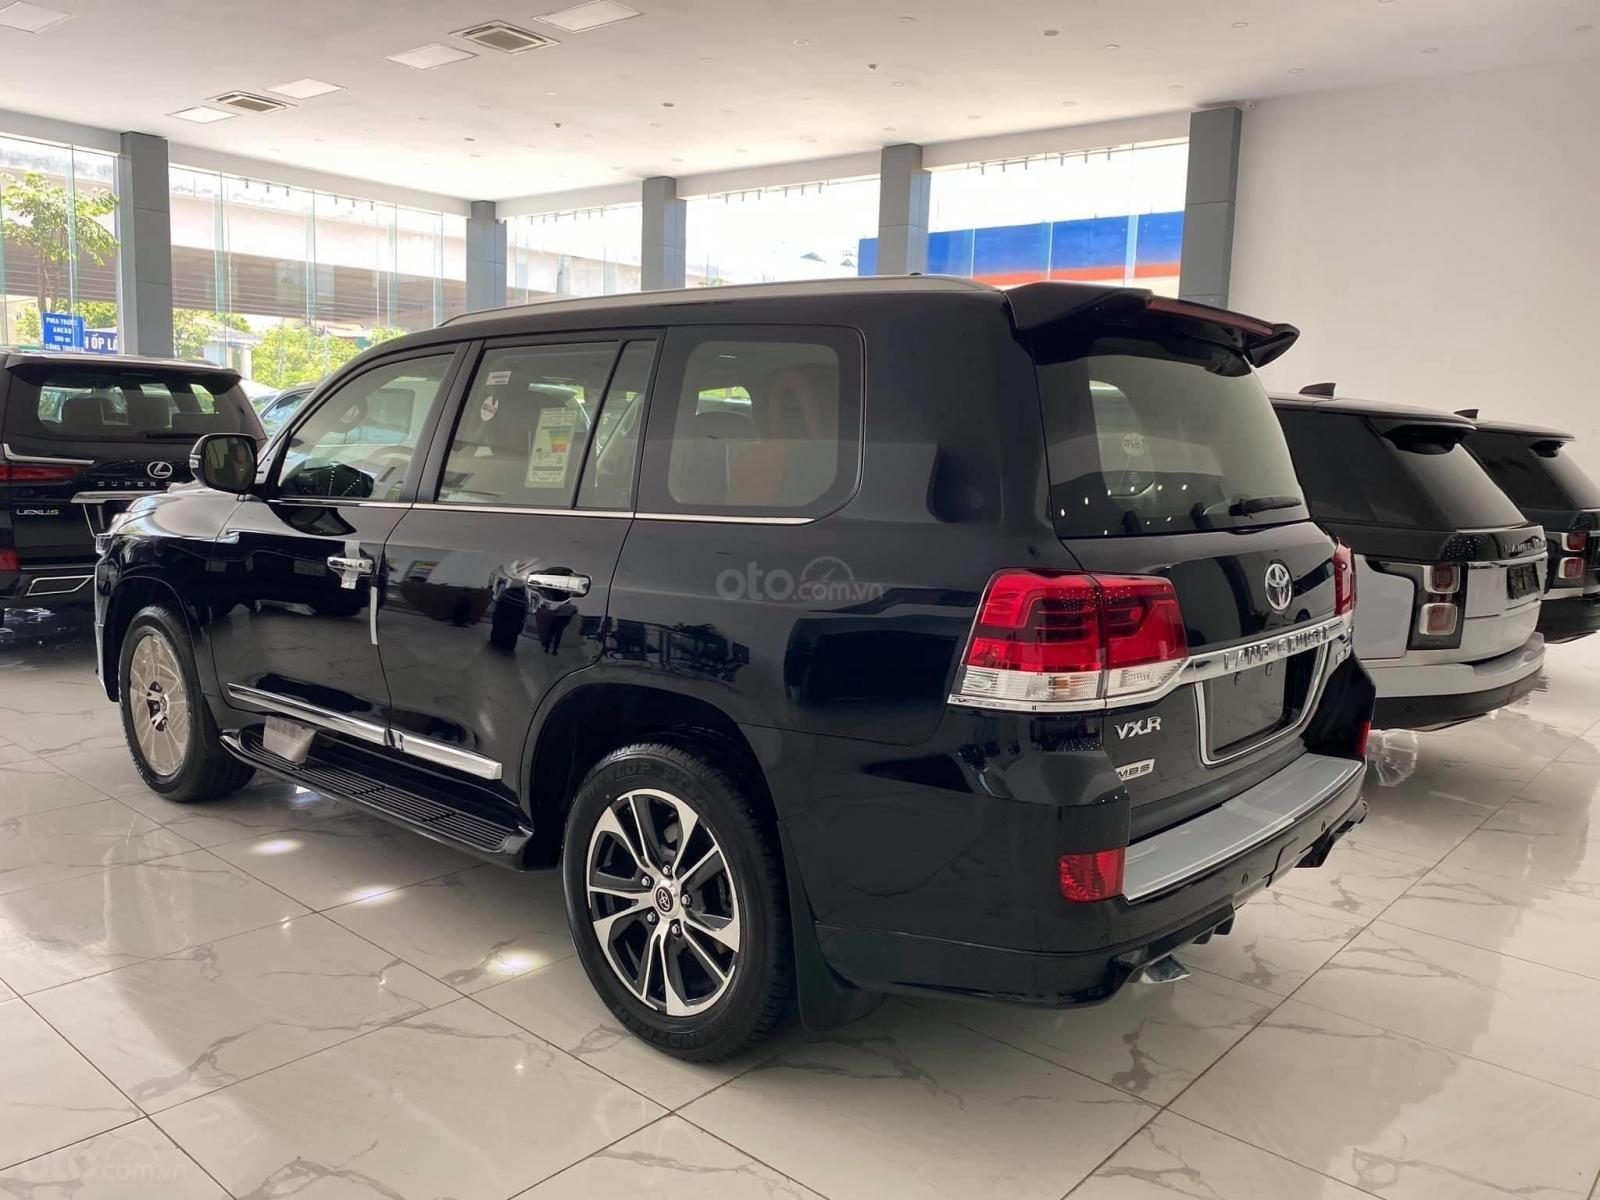 Bán Toyota Land Cruise MBS 5.7,4 ghế thương gia siêu vip, sản xuất 2020, xe giao ngay (6)